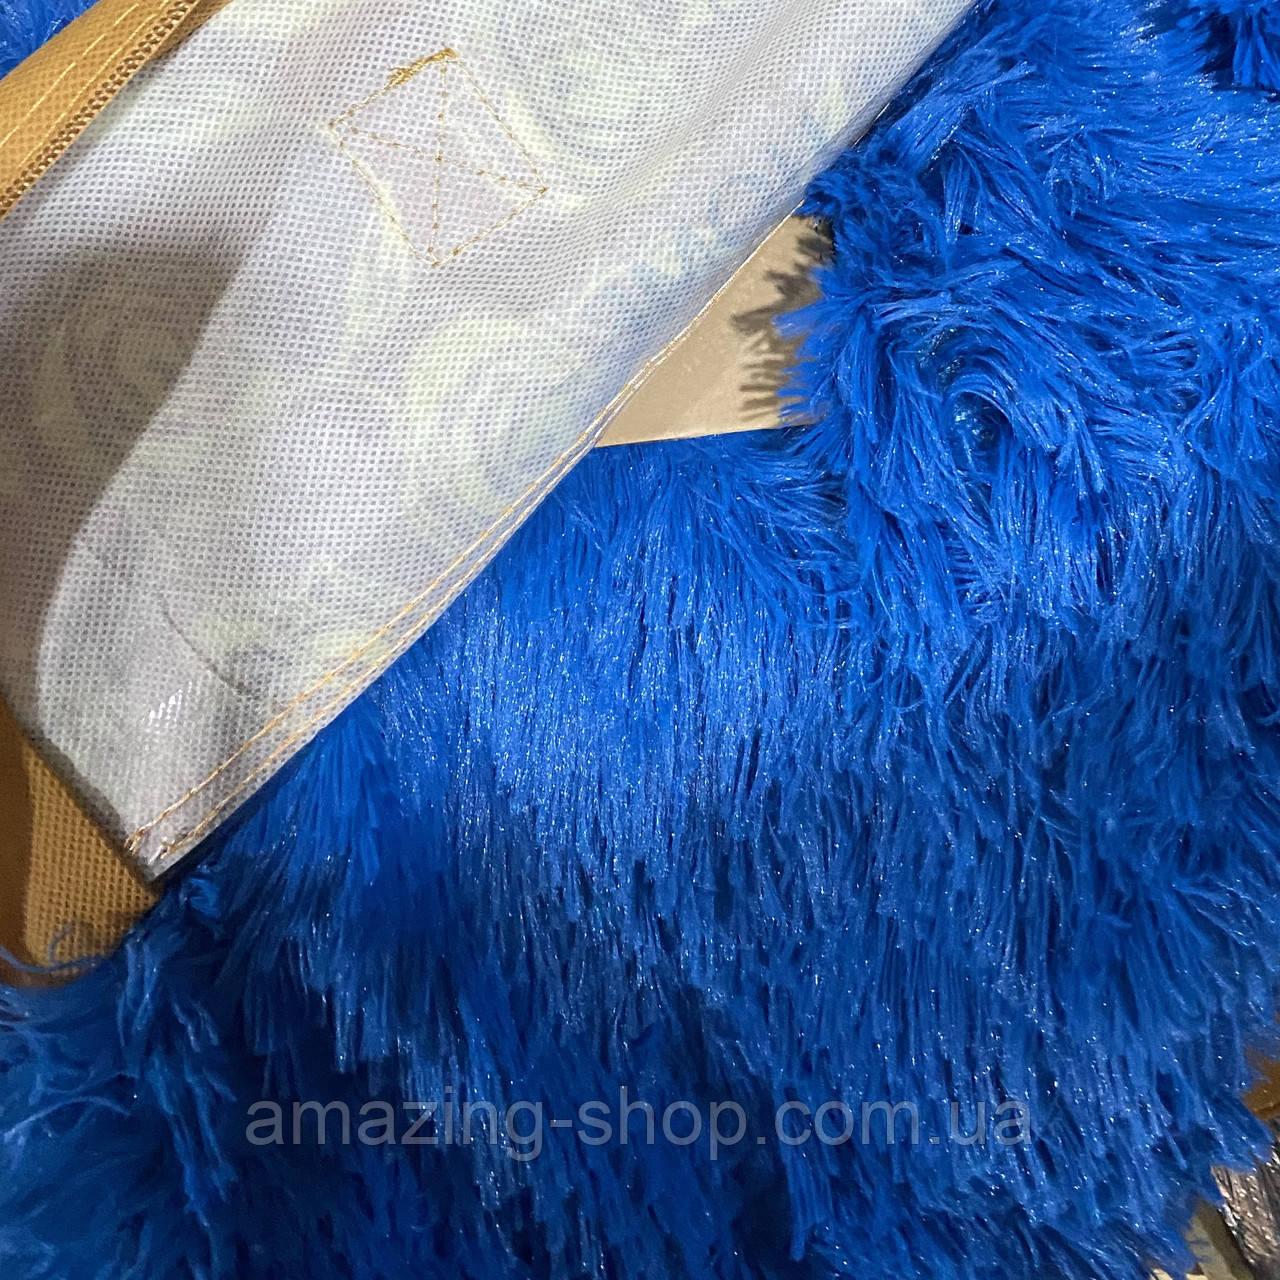 Покривало травичка | Пухнастий махровий плед. 160х210 див. Колір Блакитний